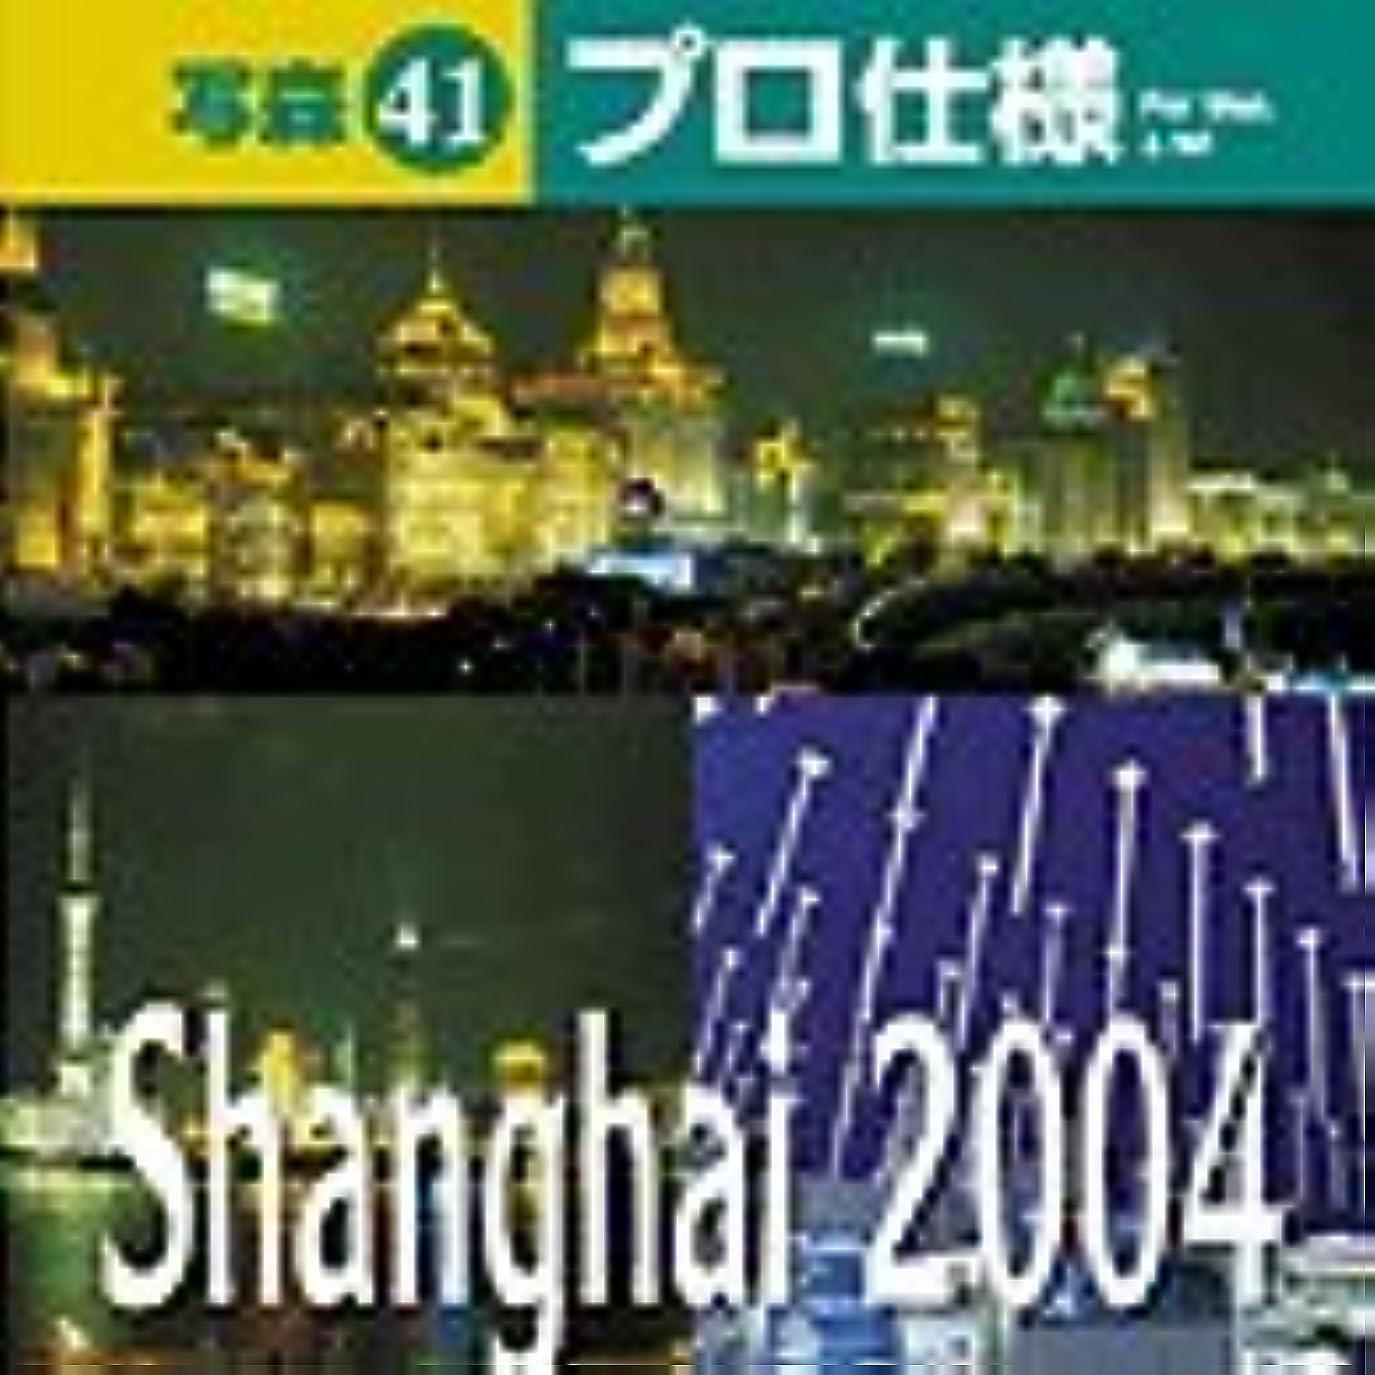 写森プロ仕様 Vol.41 Shanghai